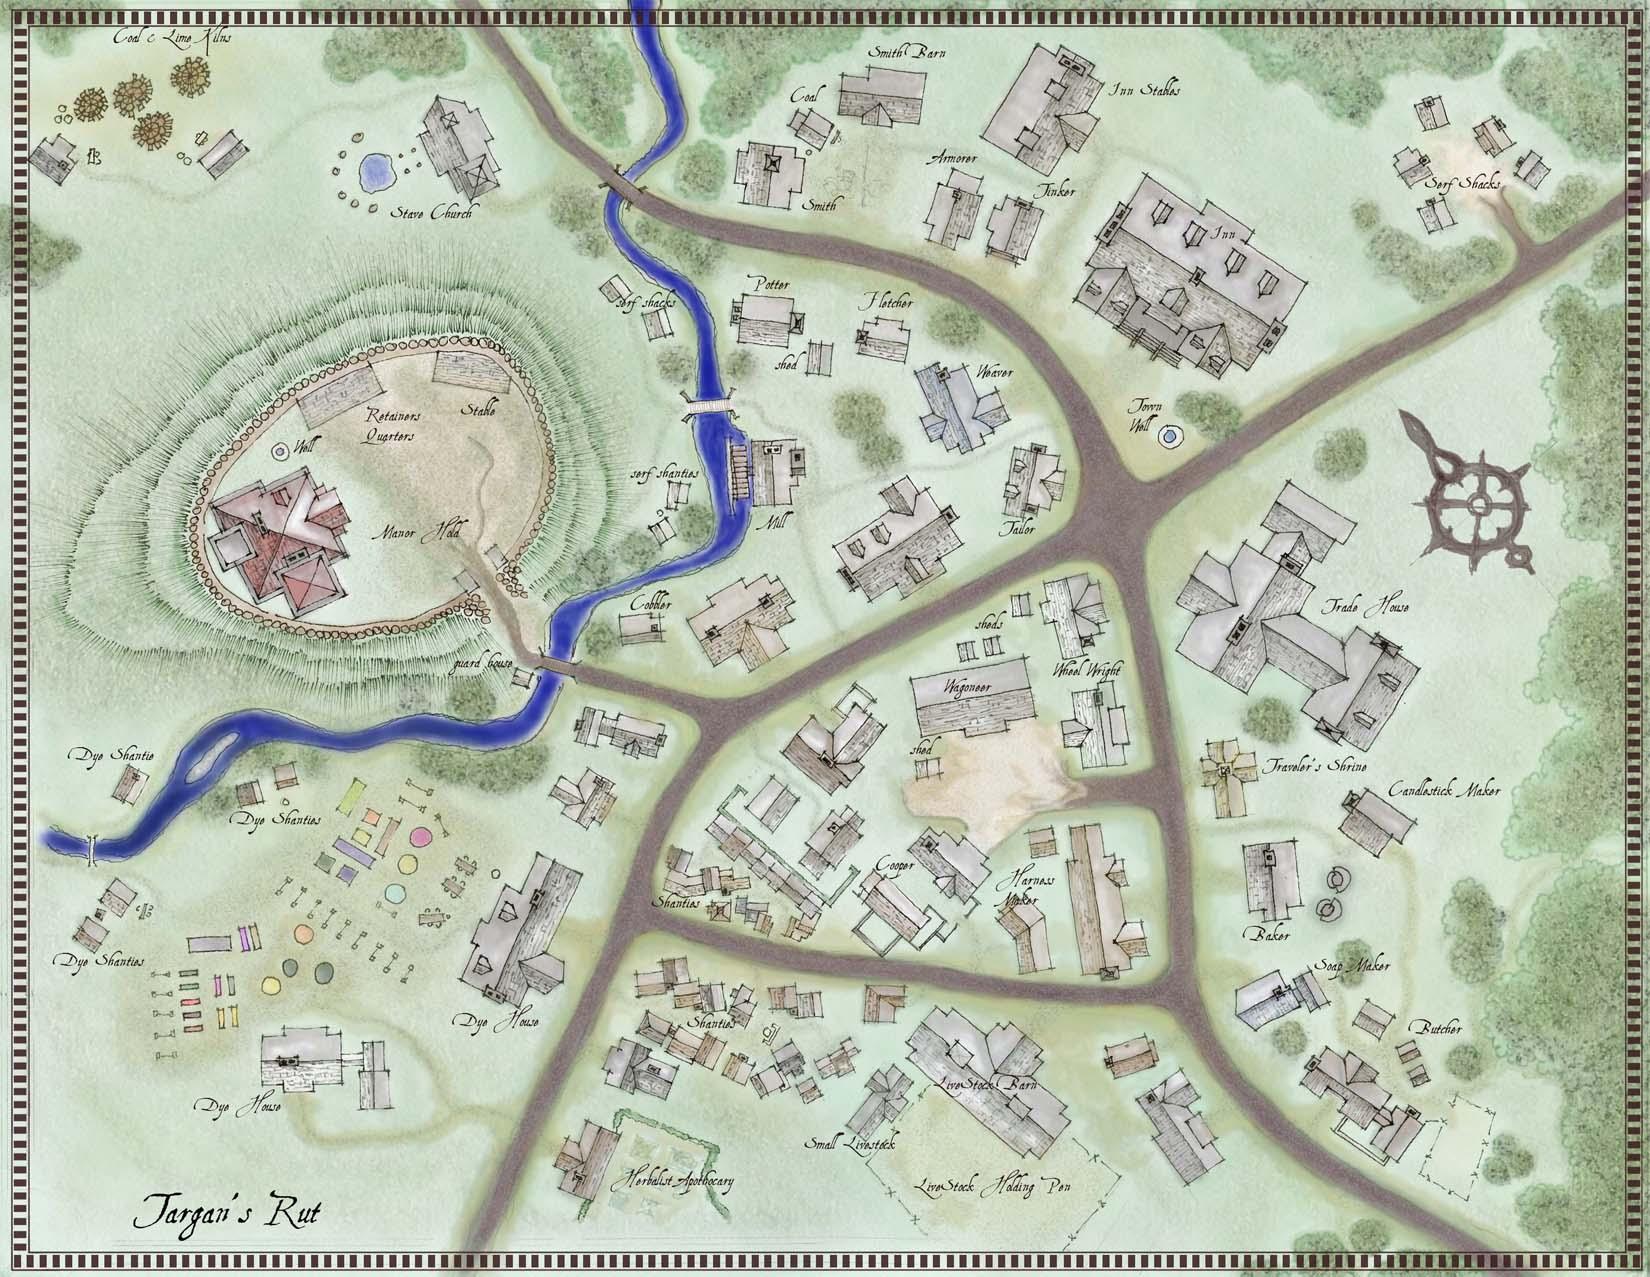 TR V11 1 6 2013 border tohttp://www.cartographersguild.com/album.php?albumid=4028&attachmentid=51569p